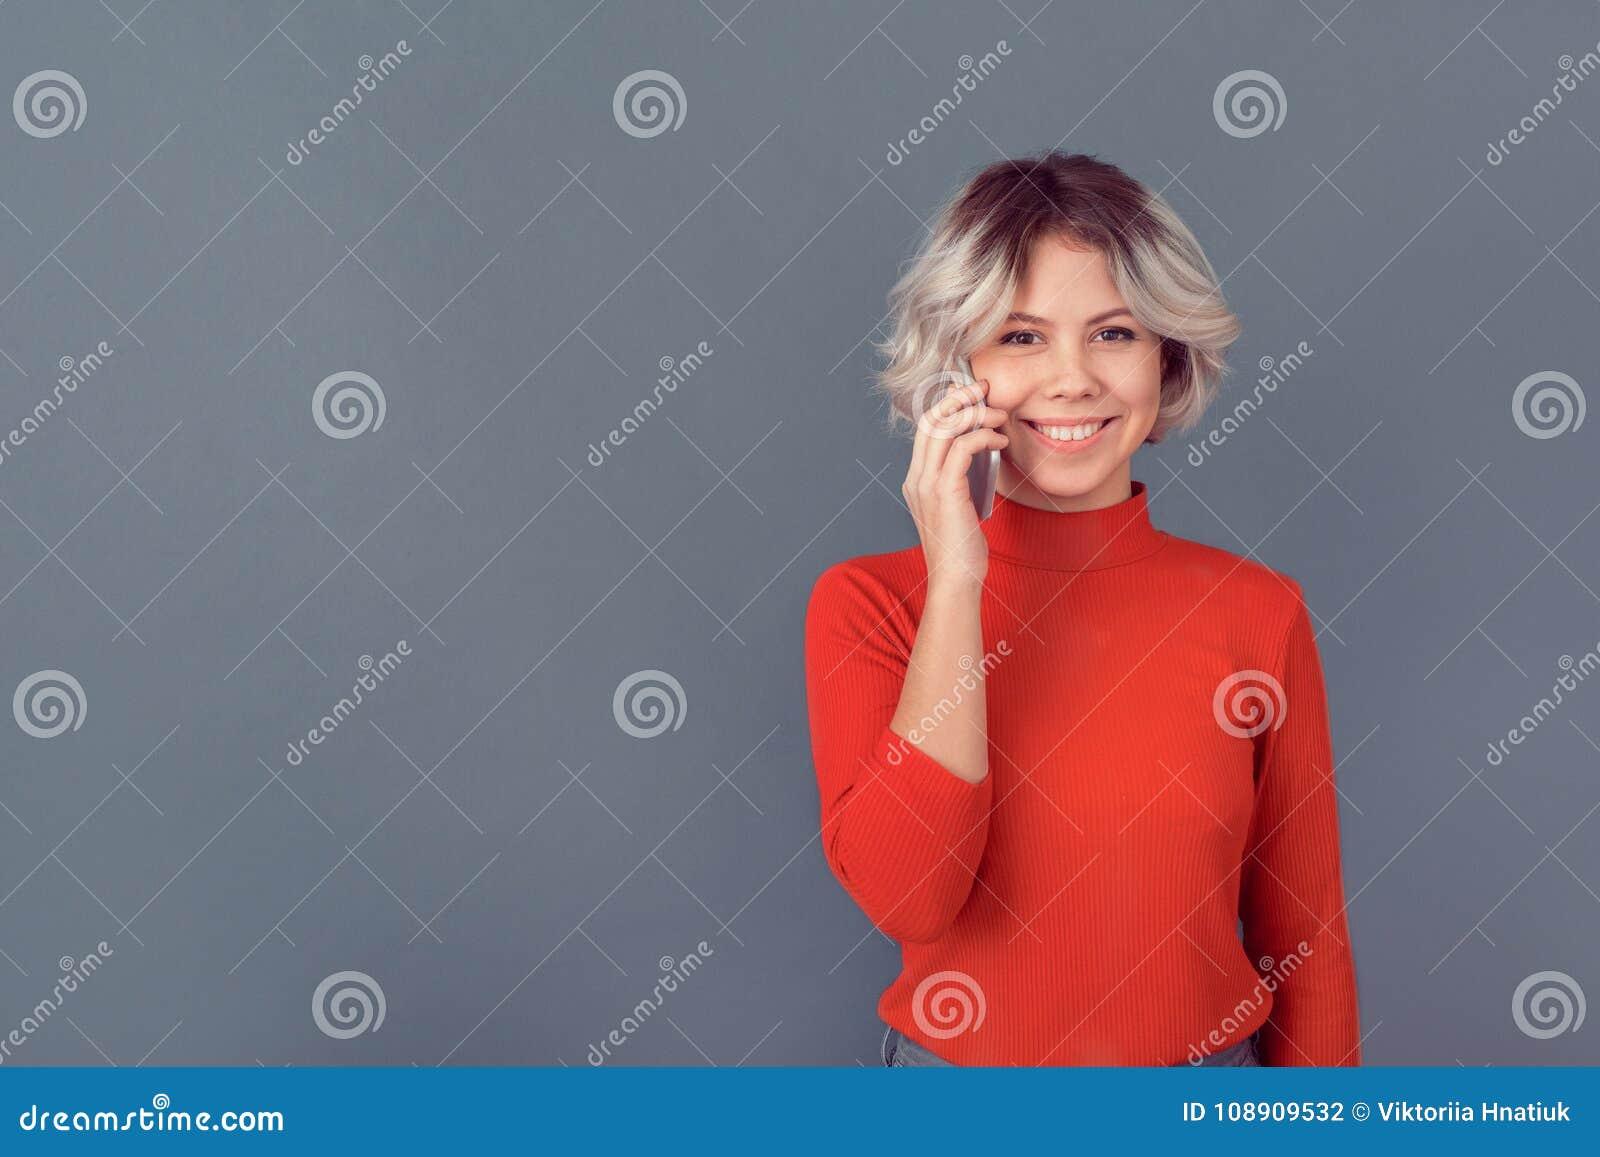 Młoda kobieta opowiada w czerwonej bluzce odizolowywającej na popielatej ścianie telefonem